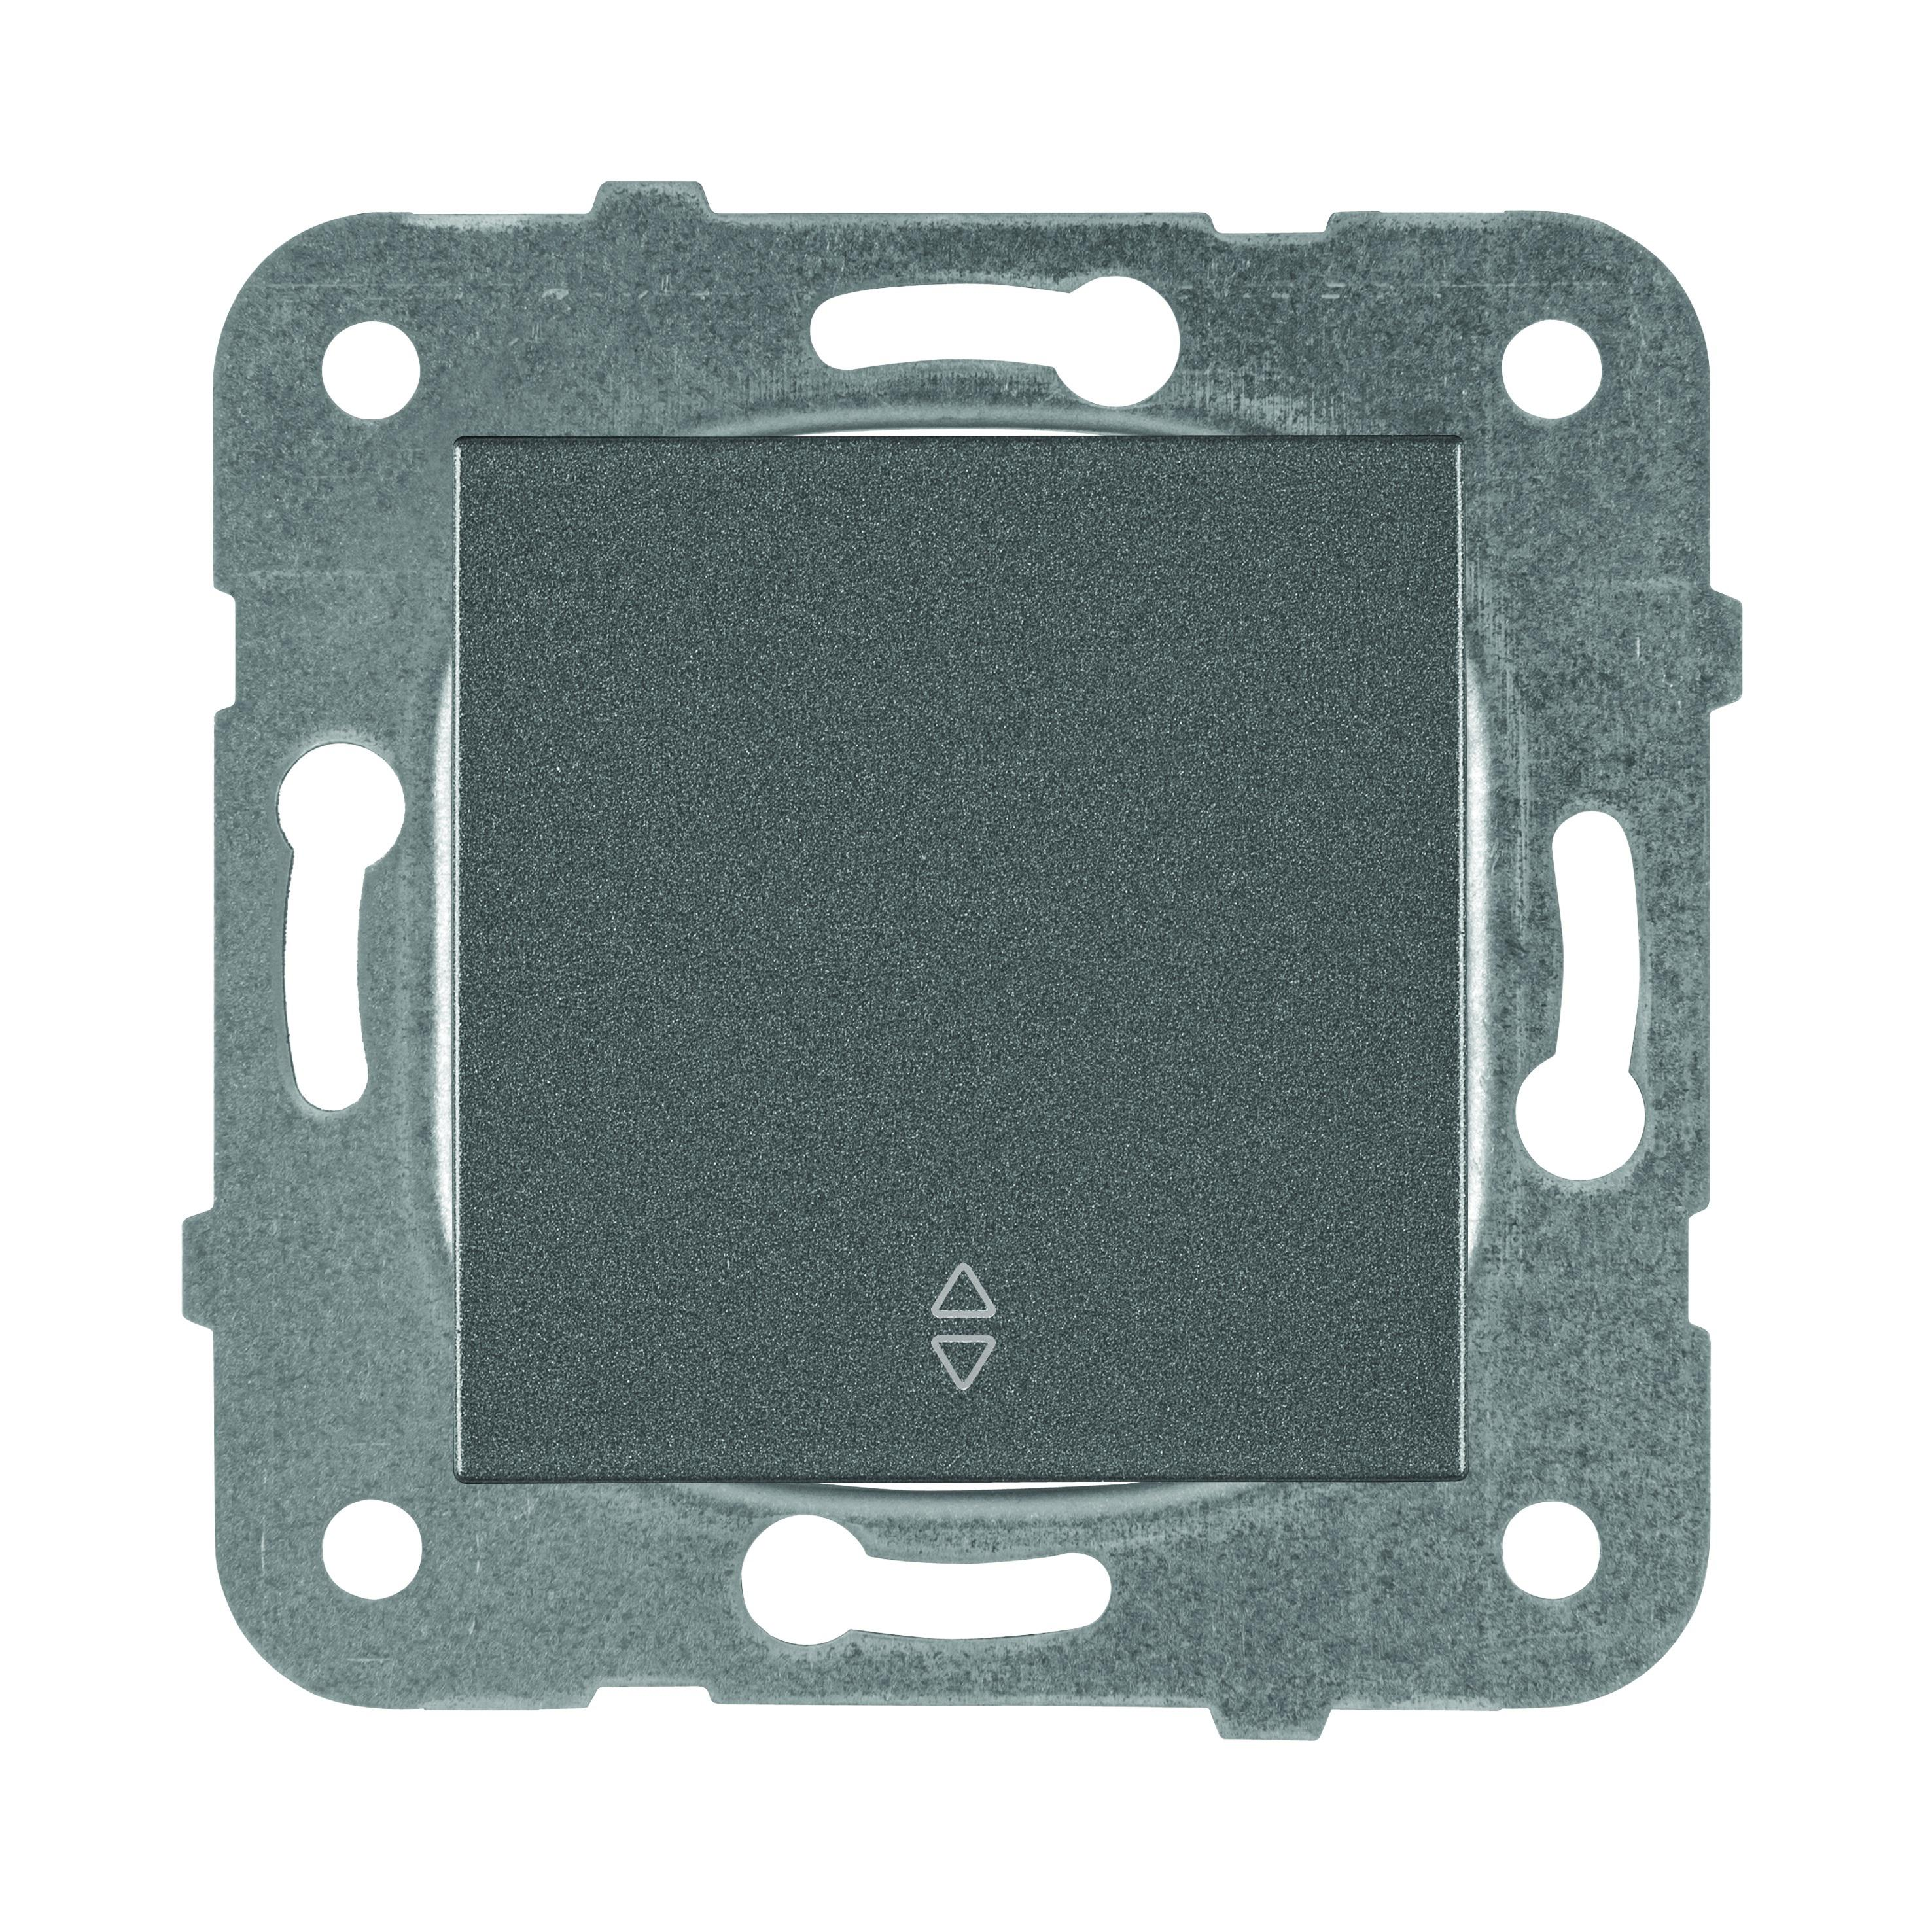 Механизм переключателя Panasonic Wktt0003-2dg-res karre plus